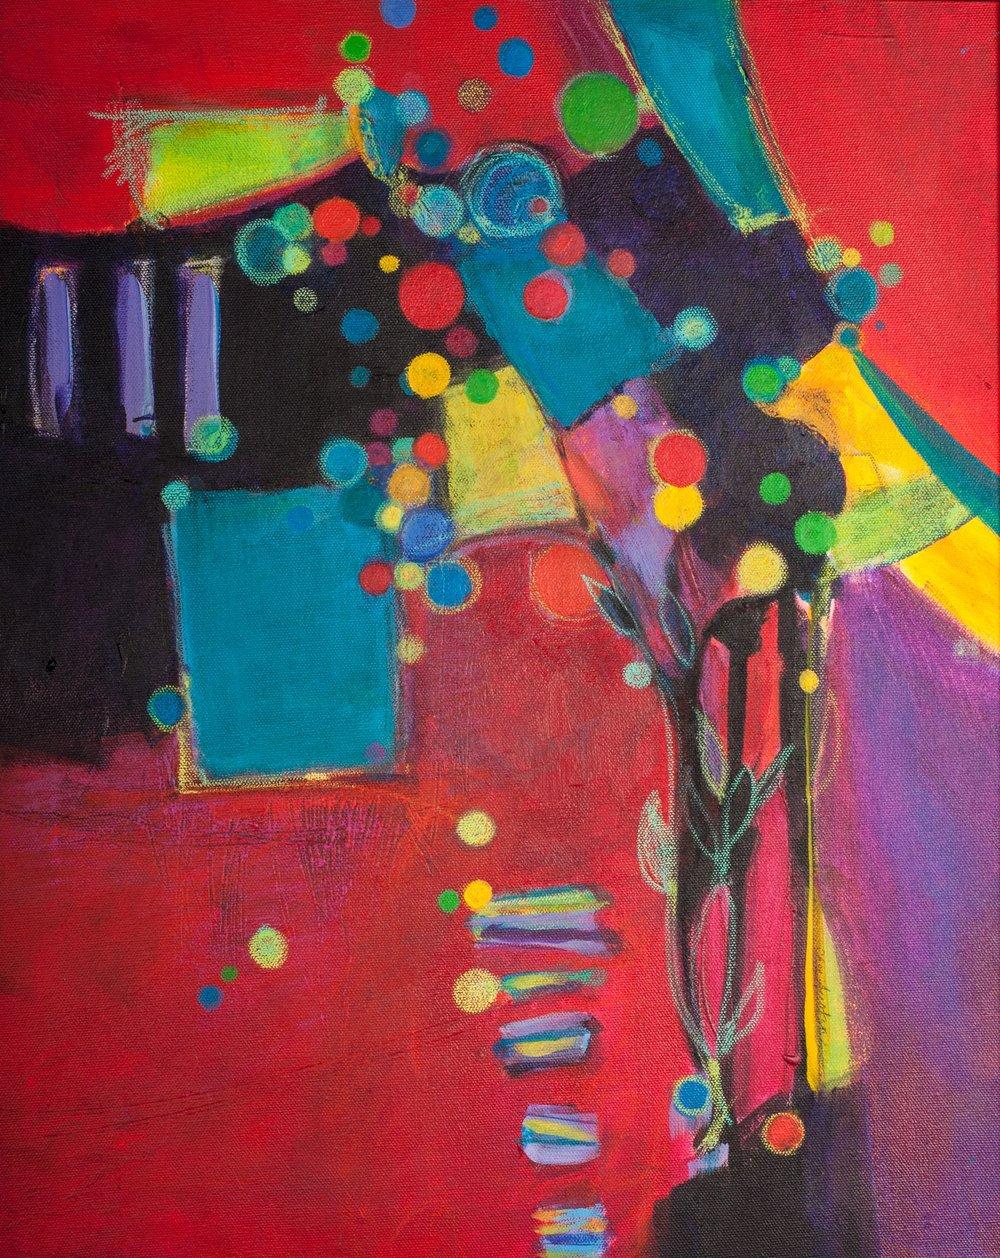 cher-austin-paintings-001.jpg